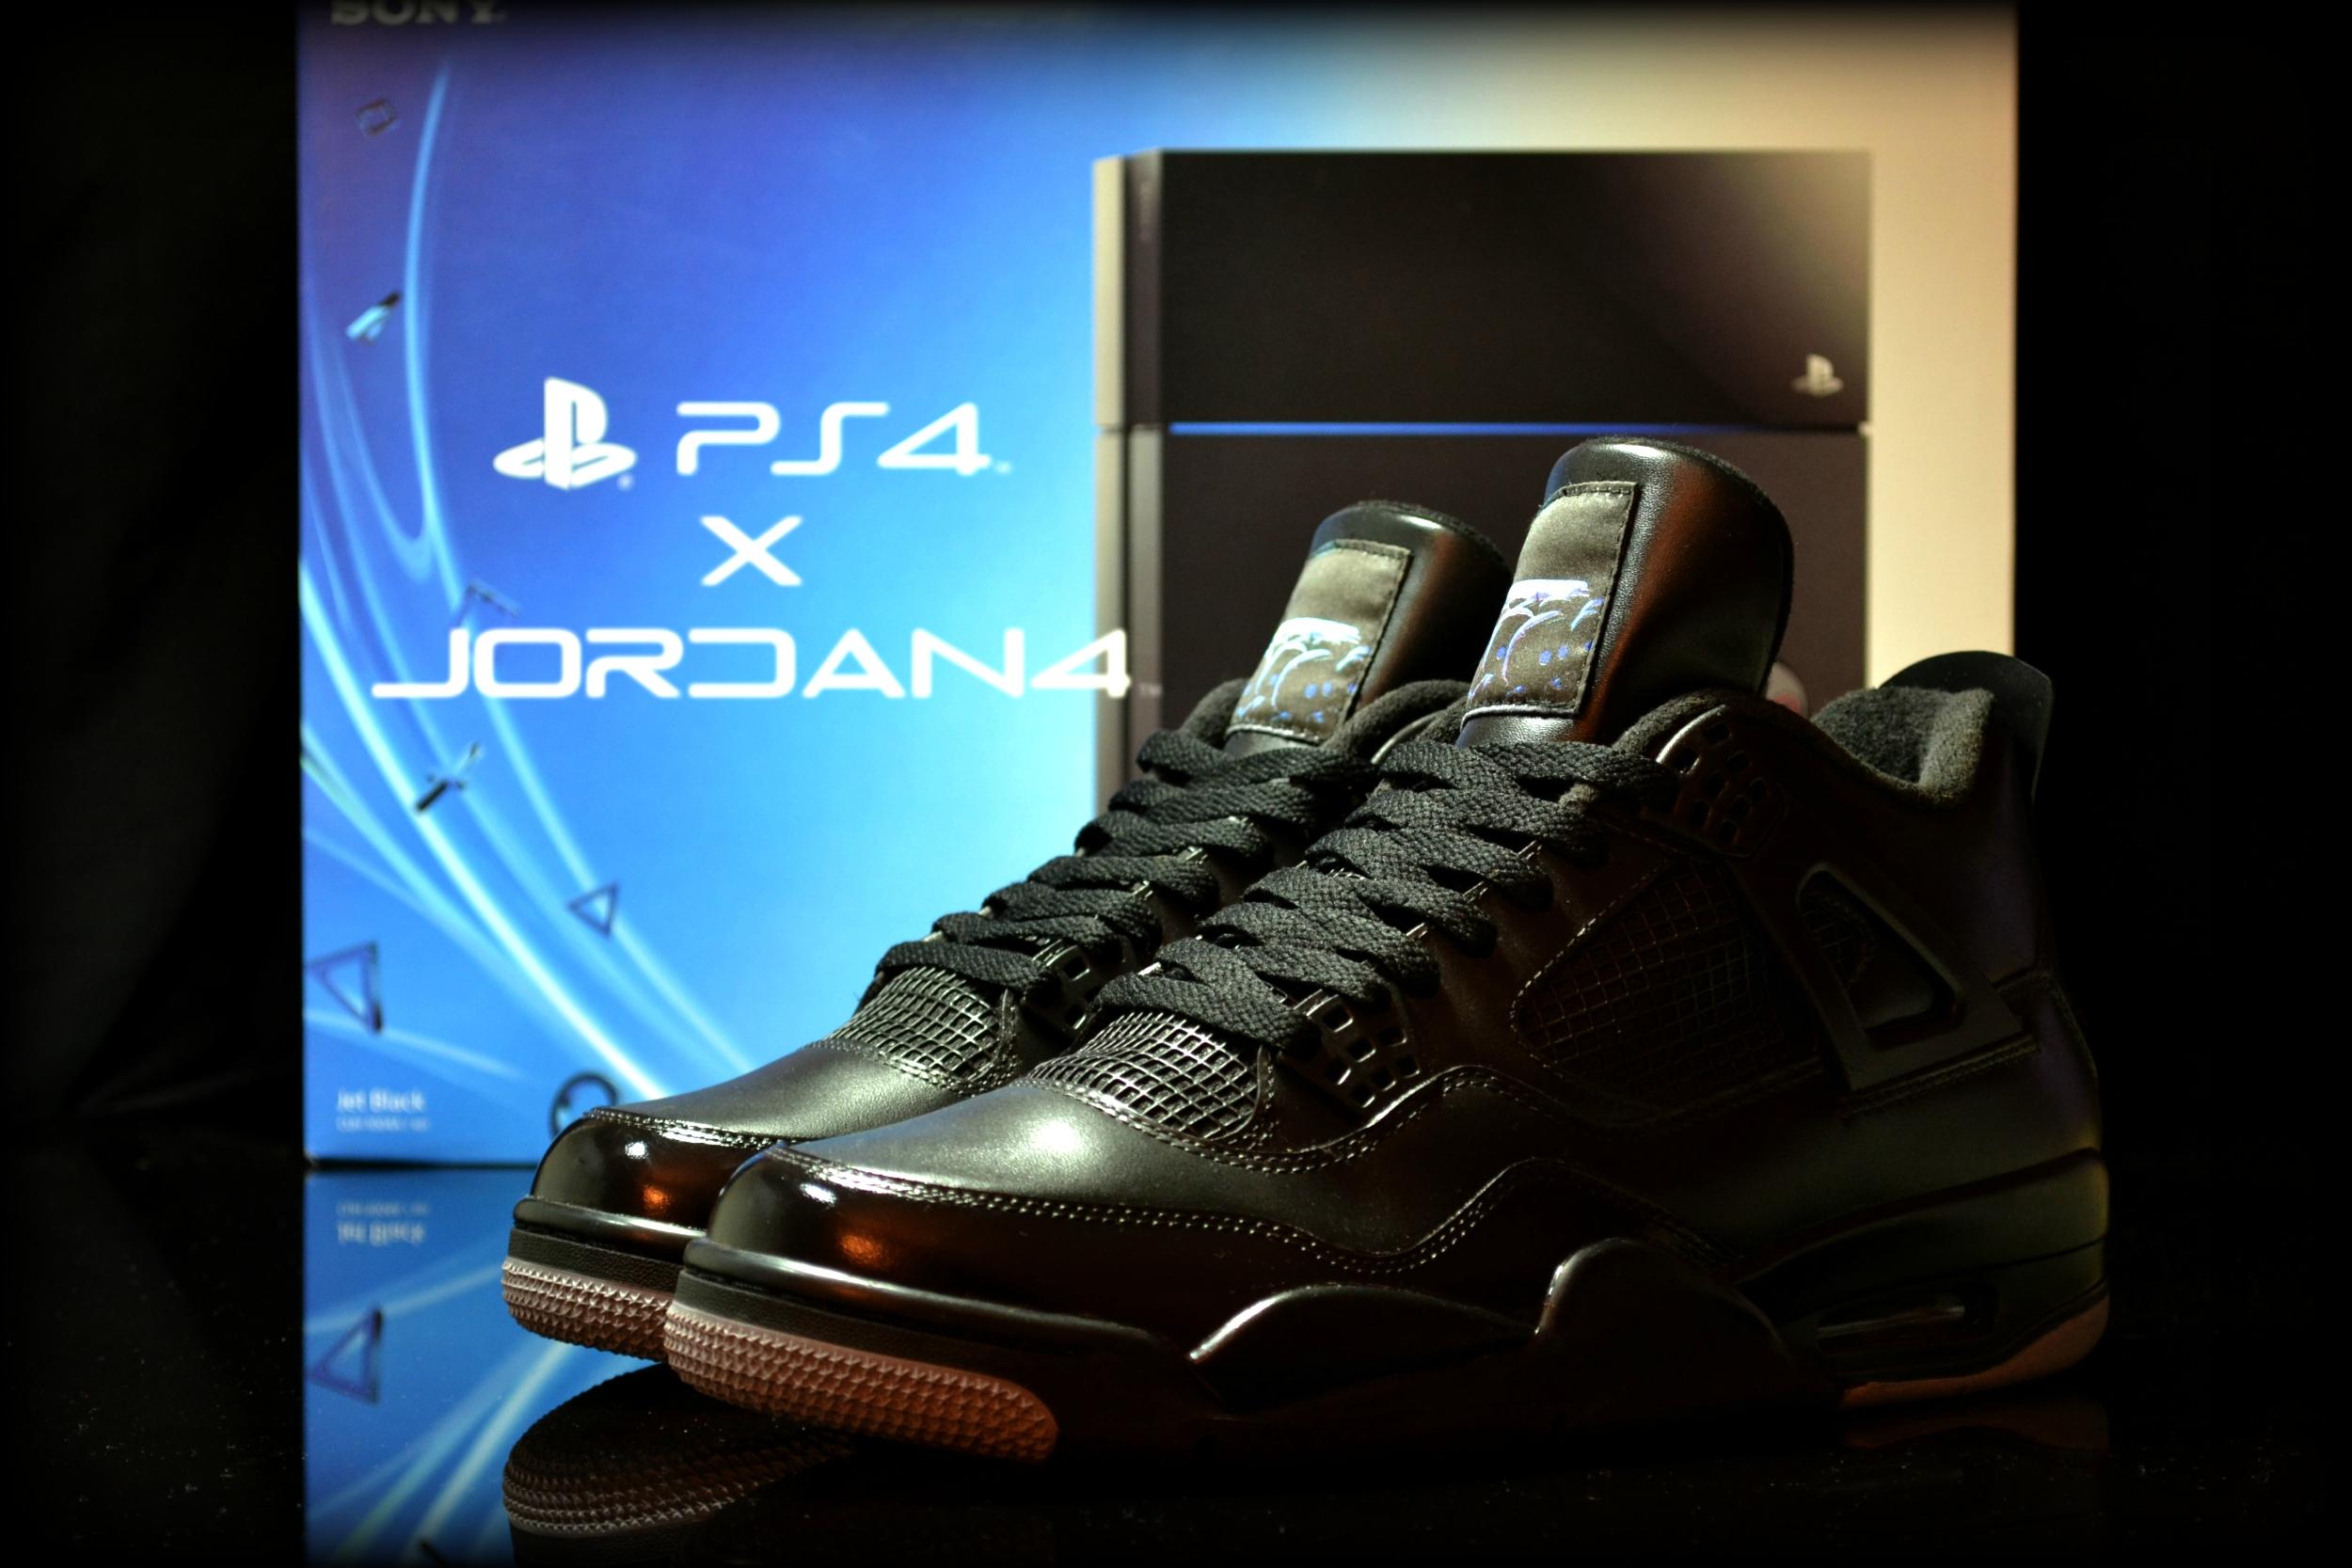 14c621482dc3 Inutile de les chercher dans le commerce, il s'agit d'une création  originale de Jonny Barry du site freakersneaks.com. Les Nike Air Jordan  PS4, ...